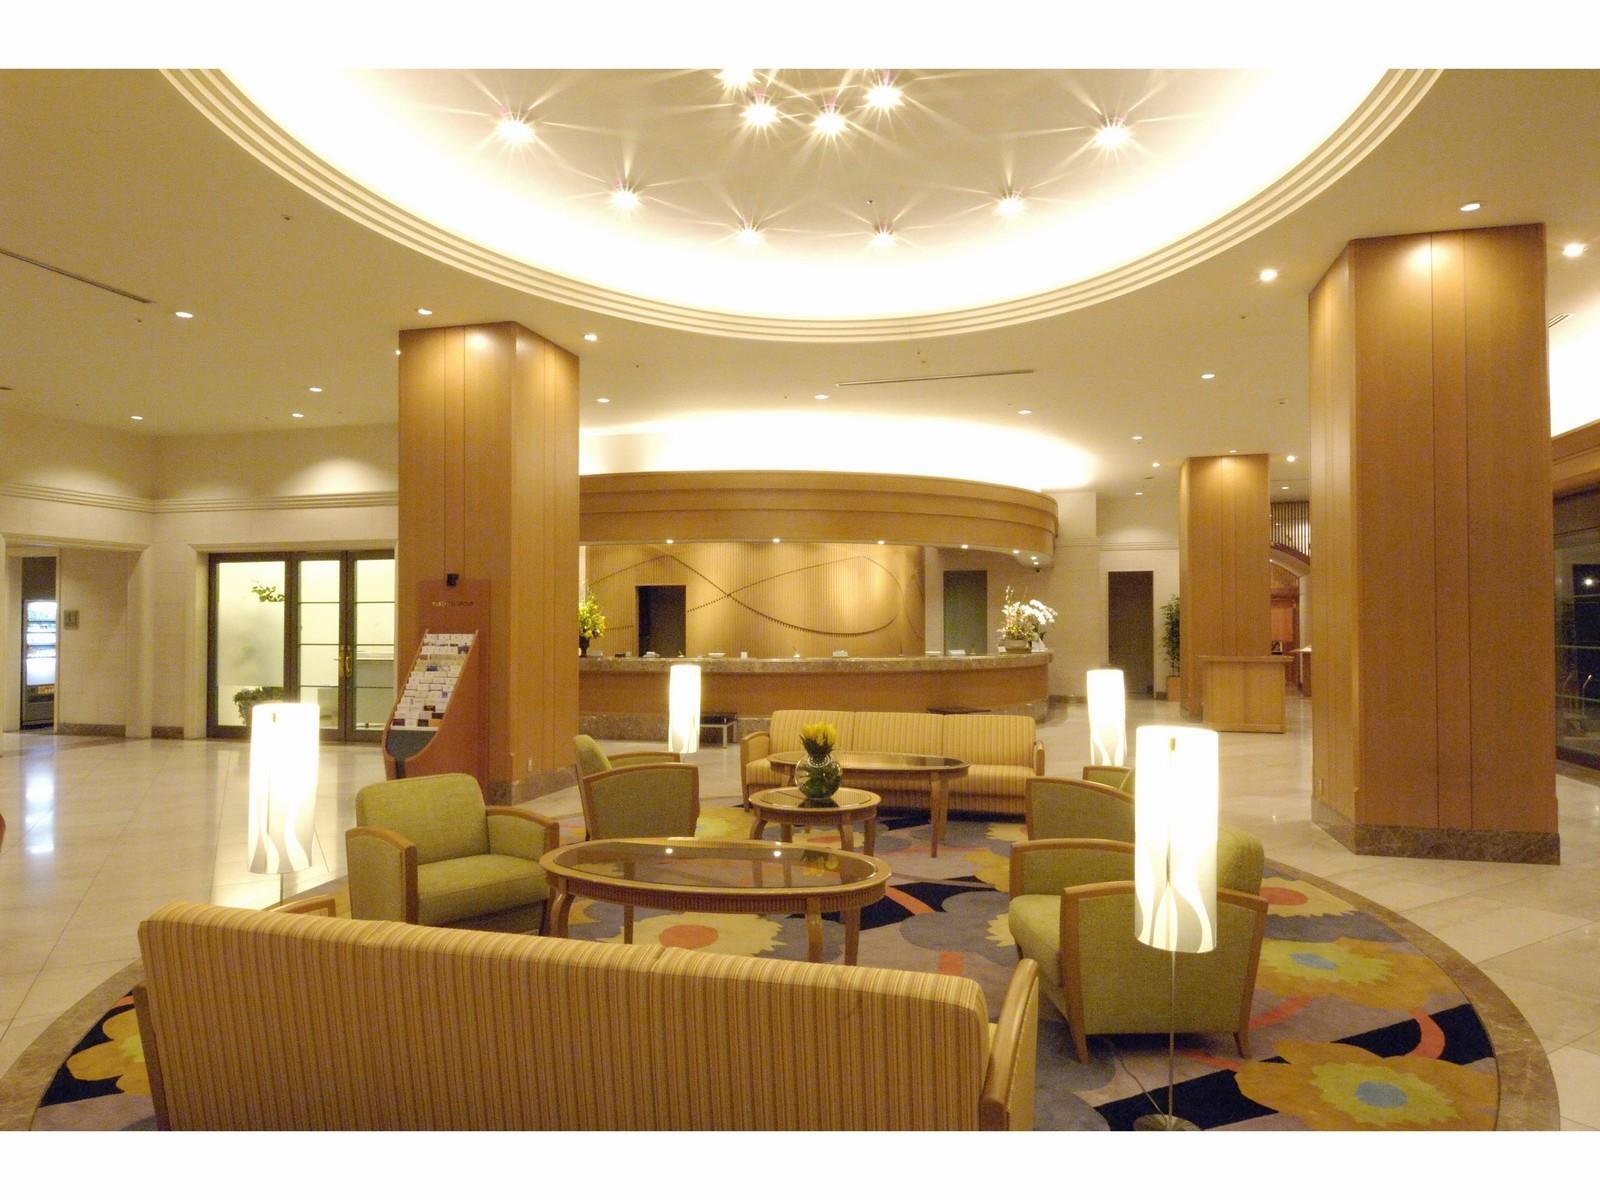 ホテル日航ノースランド帯広 【WEB販売限定】 ★素泊り★帯広駅から一番近いホテル